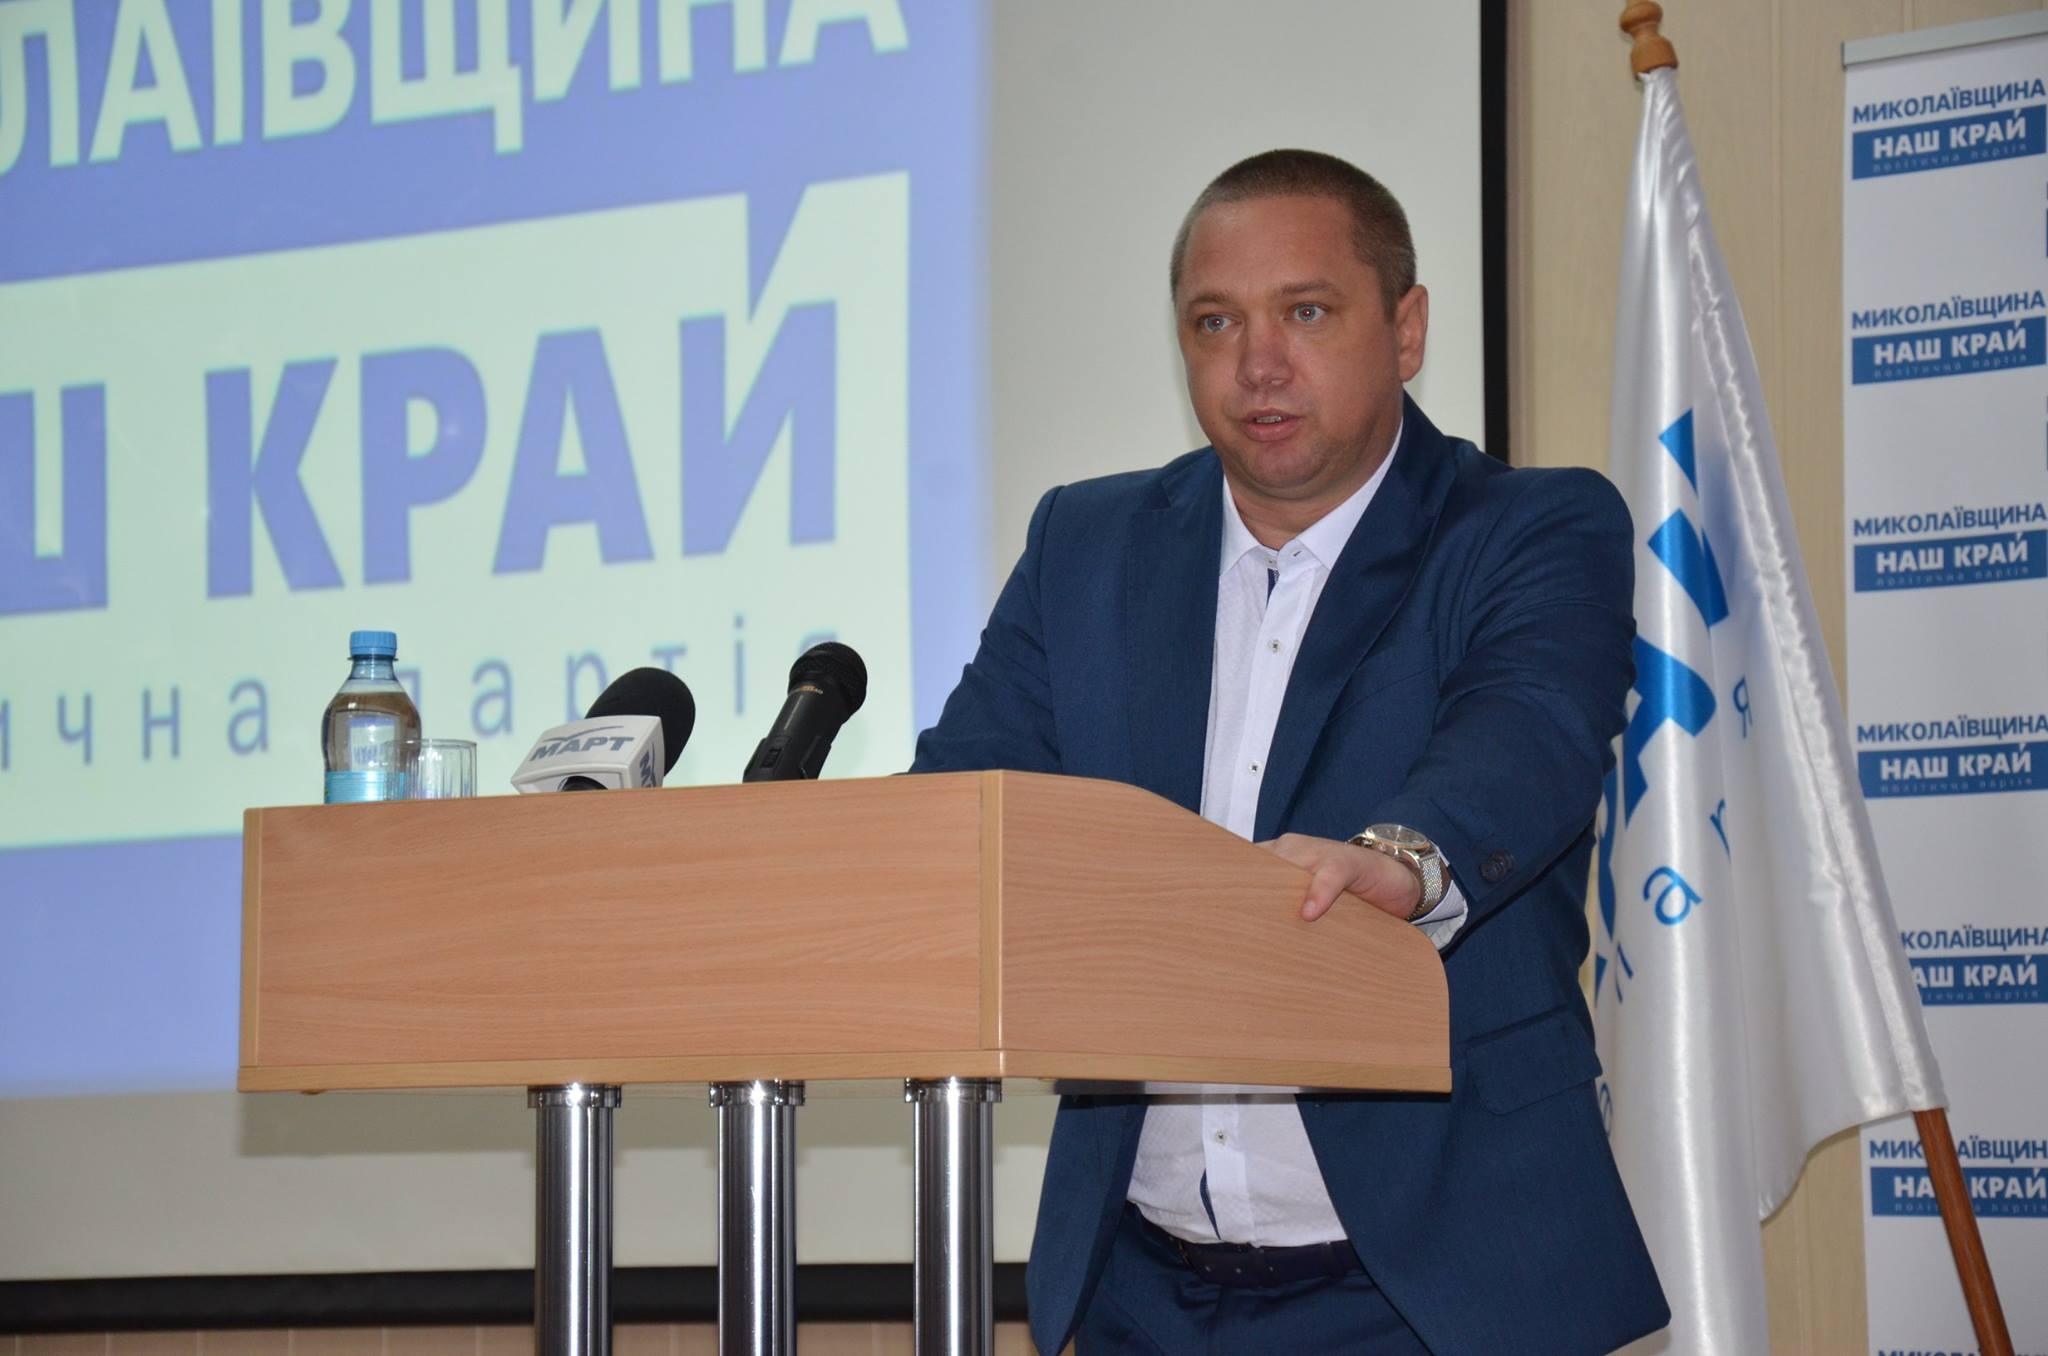 «Иностранцы не должны быть допущены к рынку украинской земли», - НАШ КРАЙ